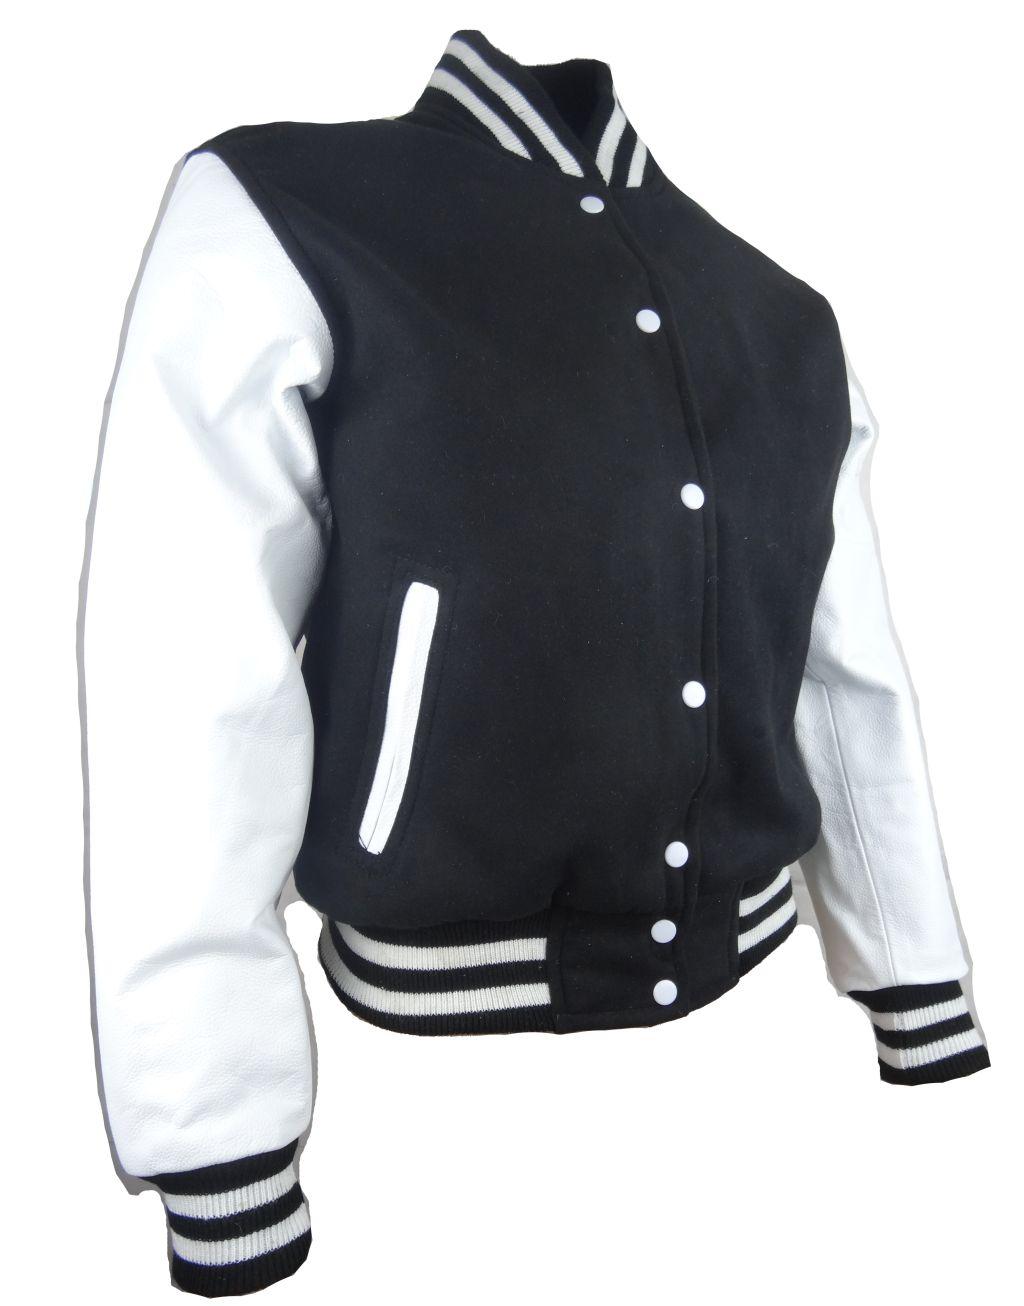 Damen College Jacke Sweat Jacke Ärmel aus  Leder Schwarz-Weiß Gr. S M L XL